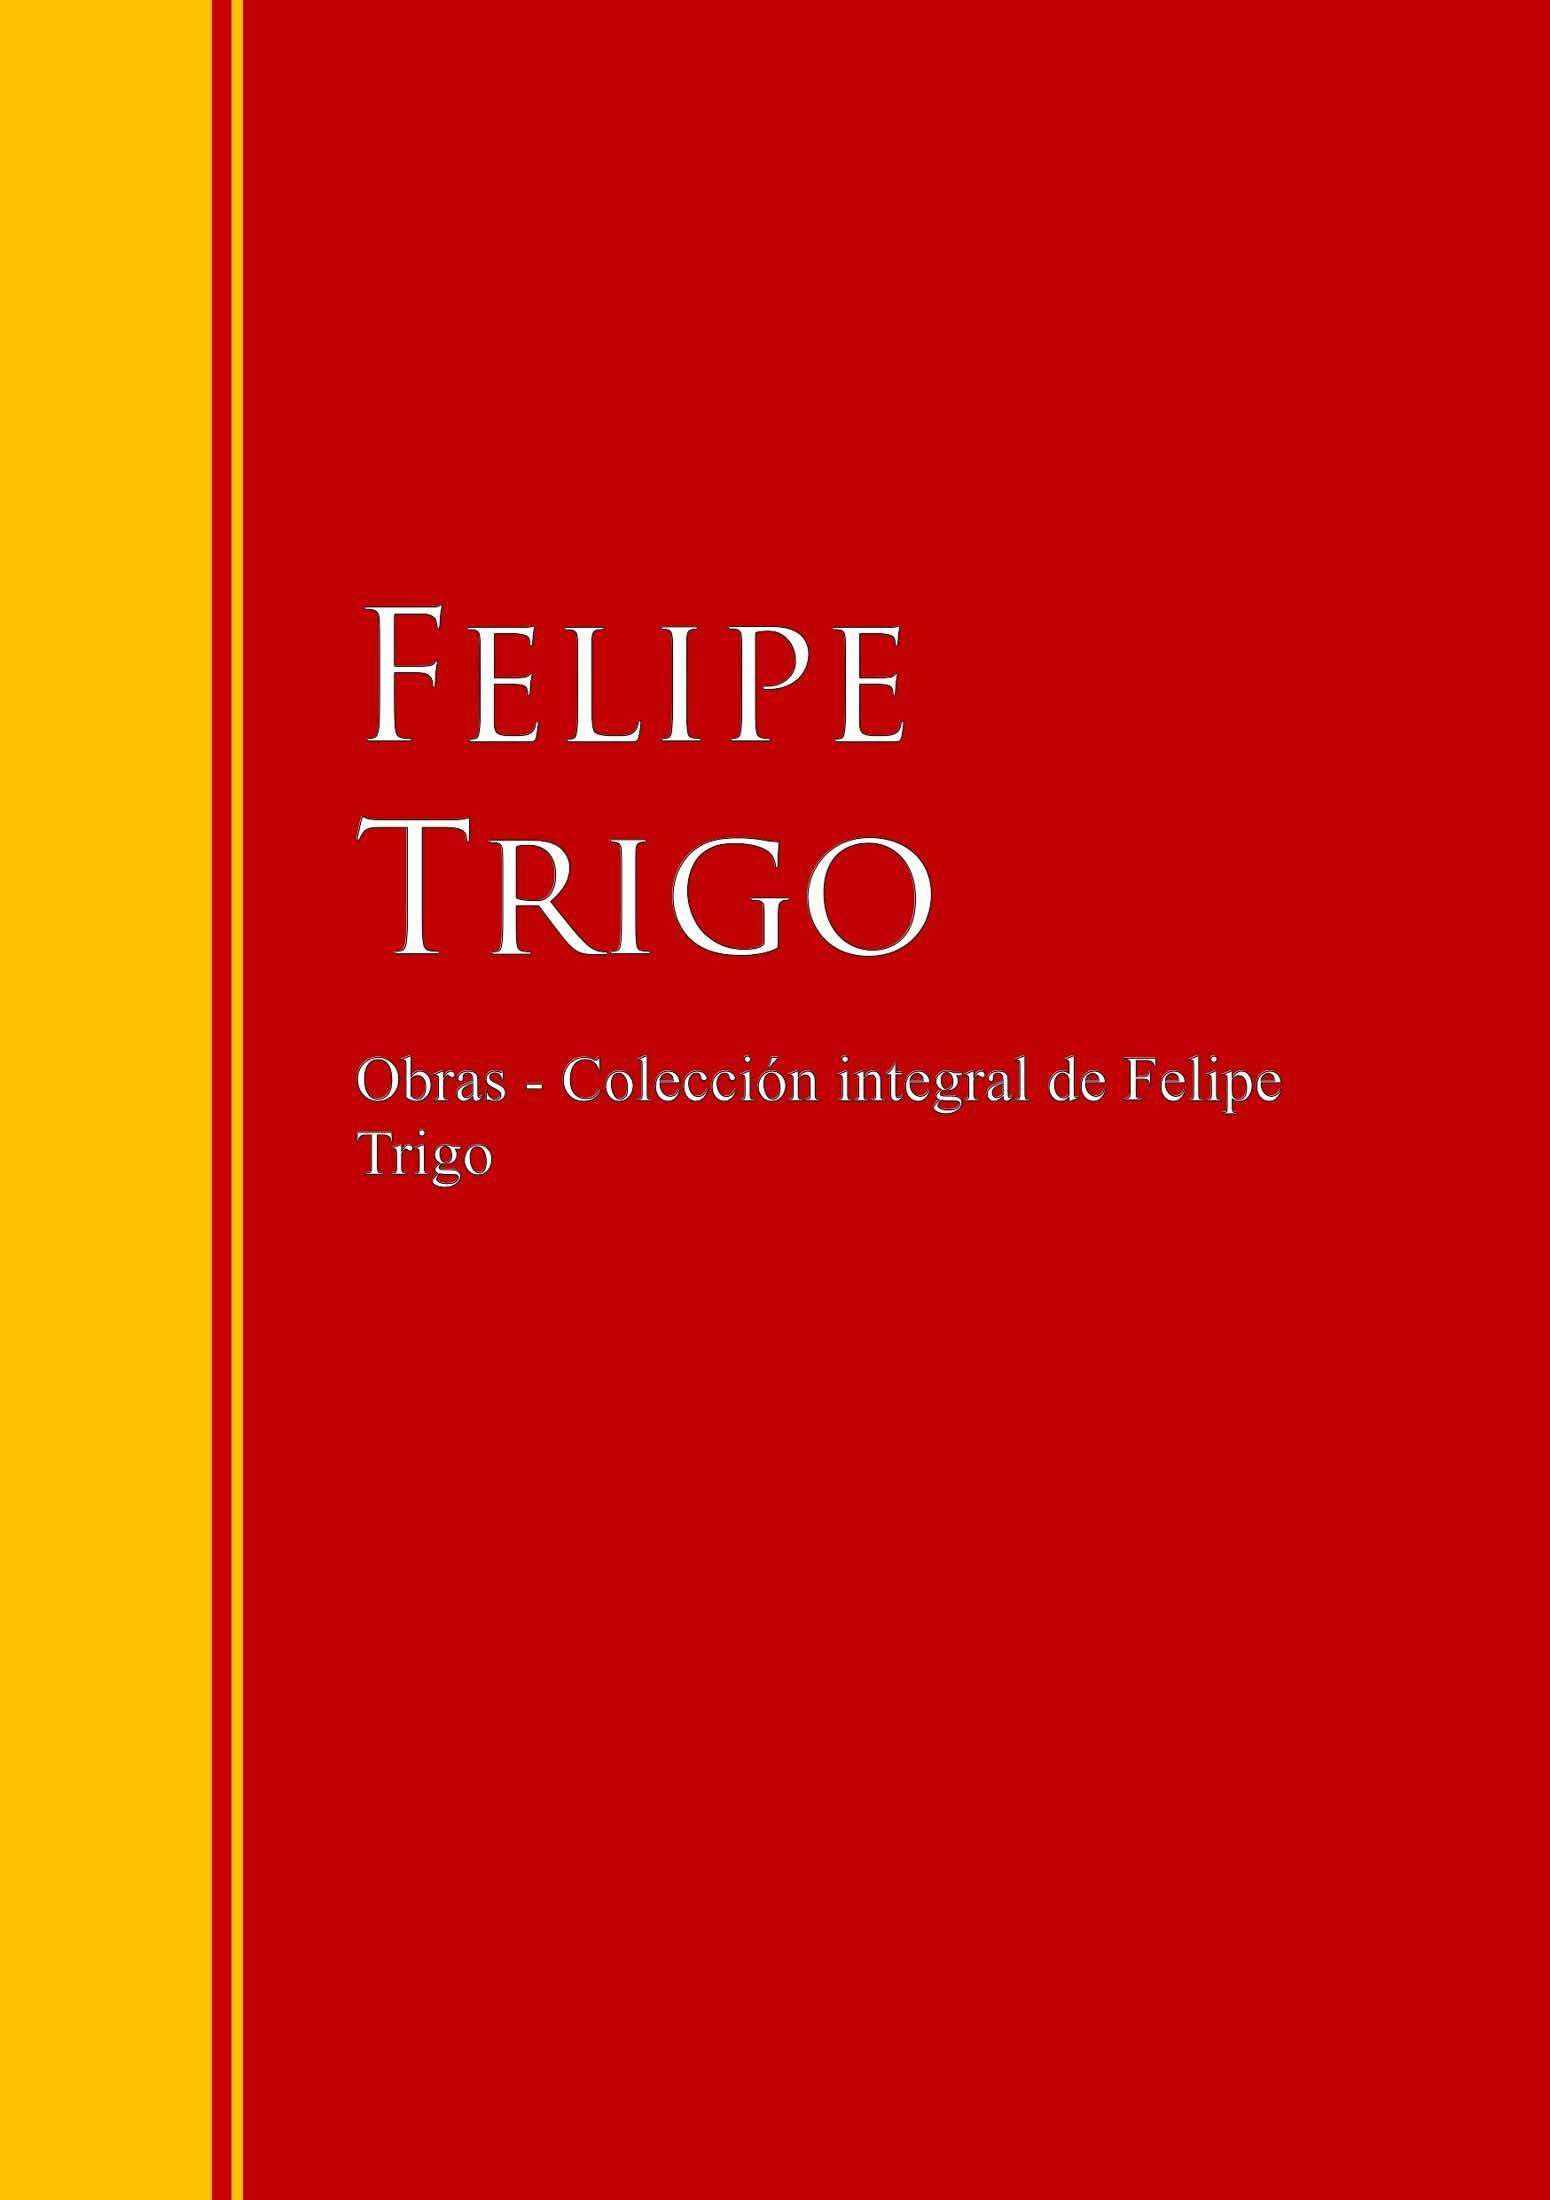 цены Felipe Trigo Obras - Colección de Felipe Trigo